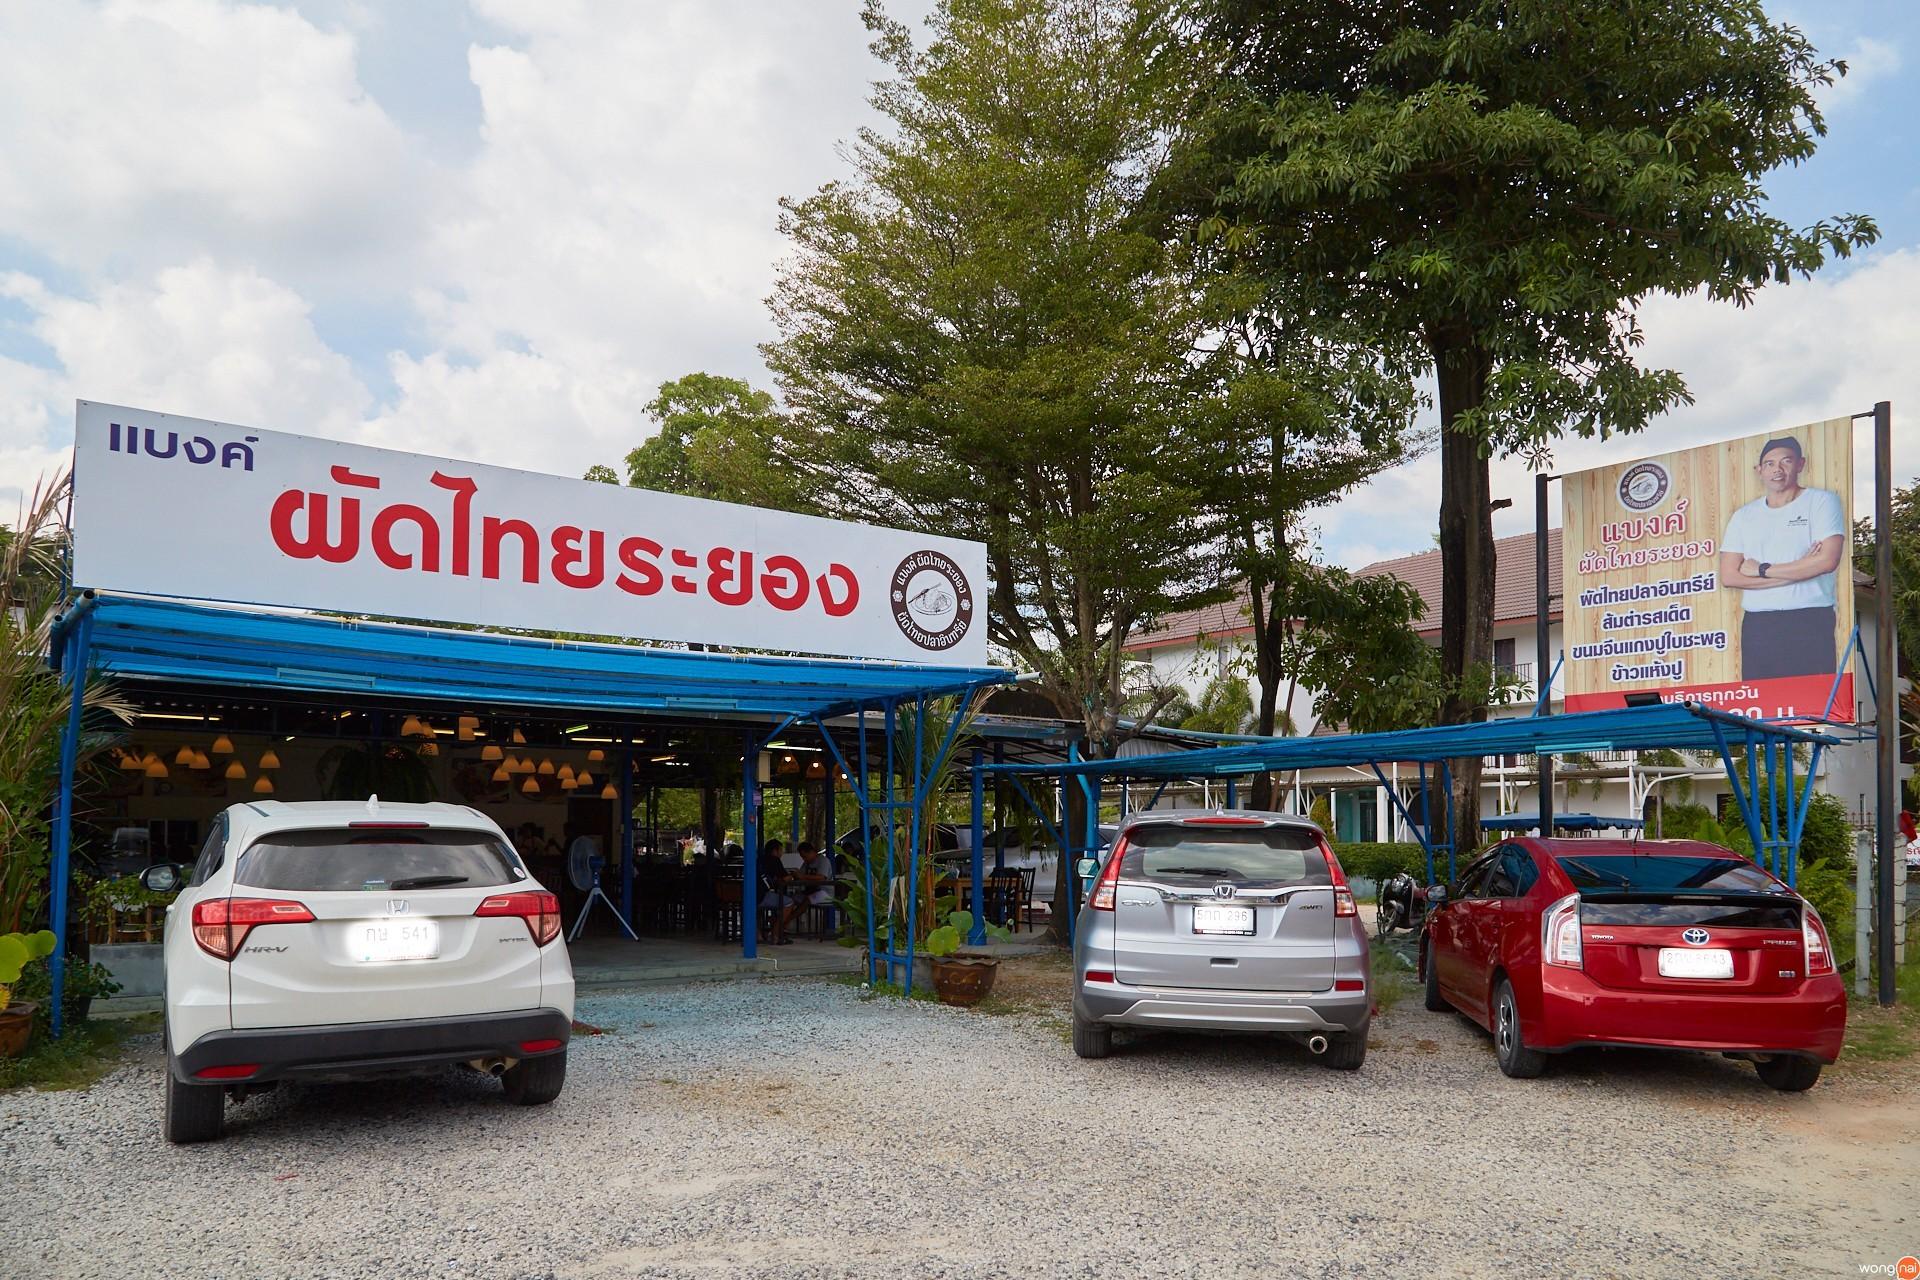 หน้าร้านแบงค์ผัดไทย ระยอง